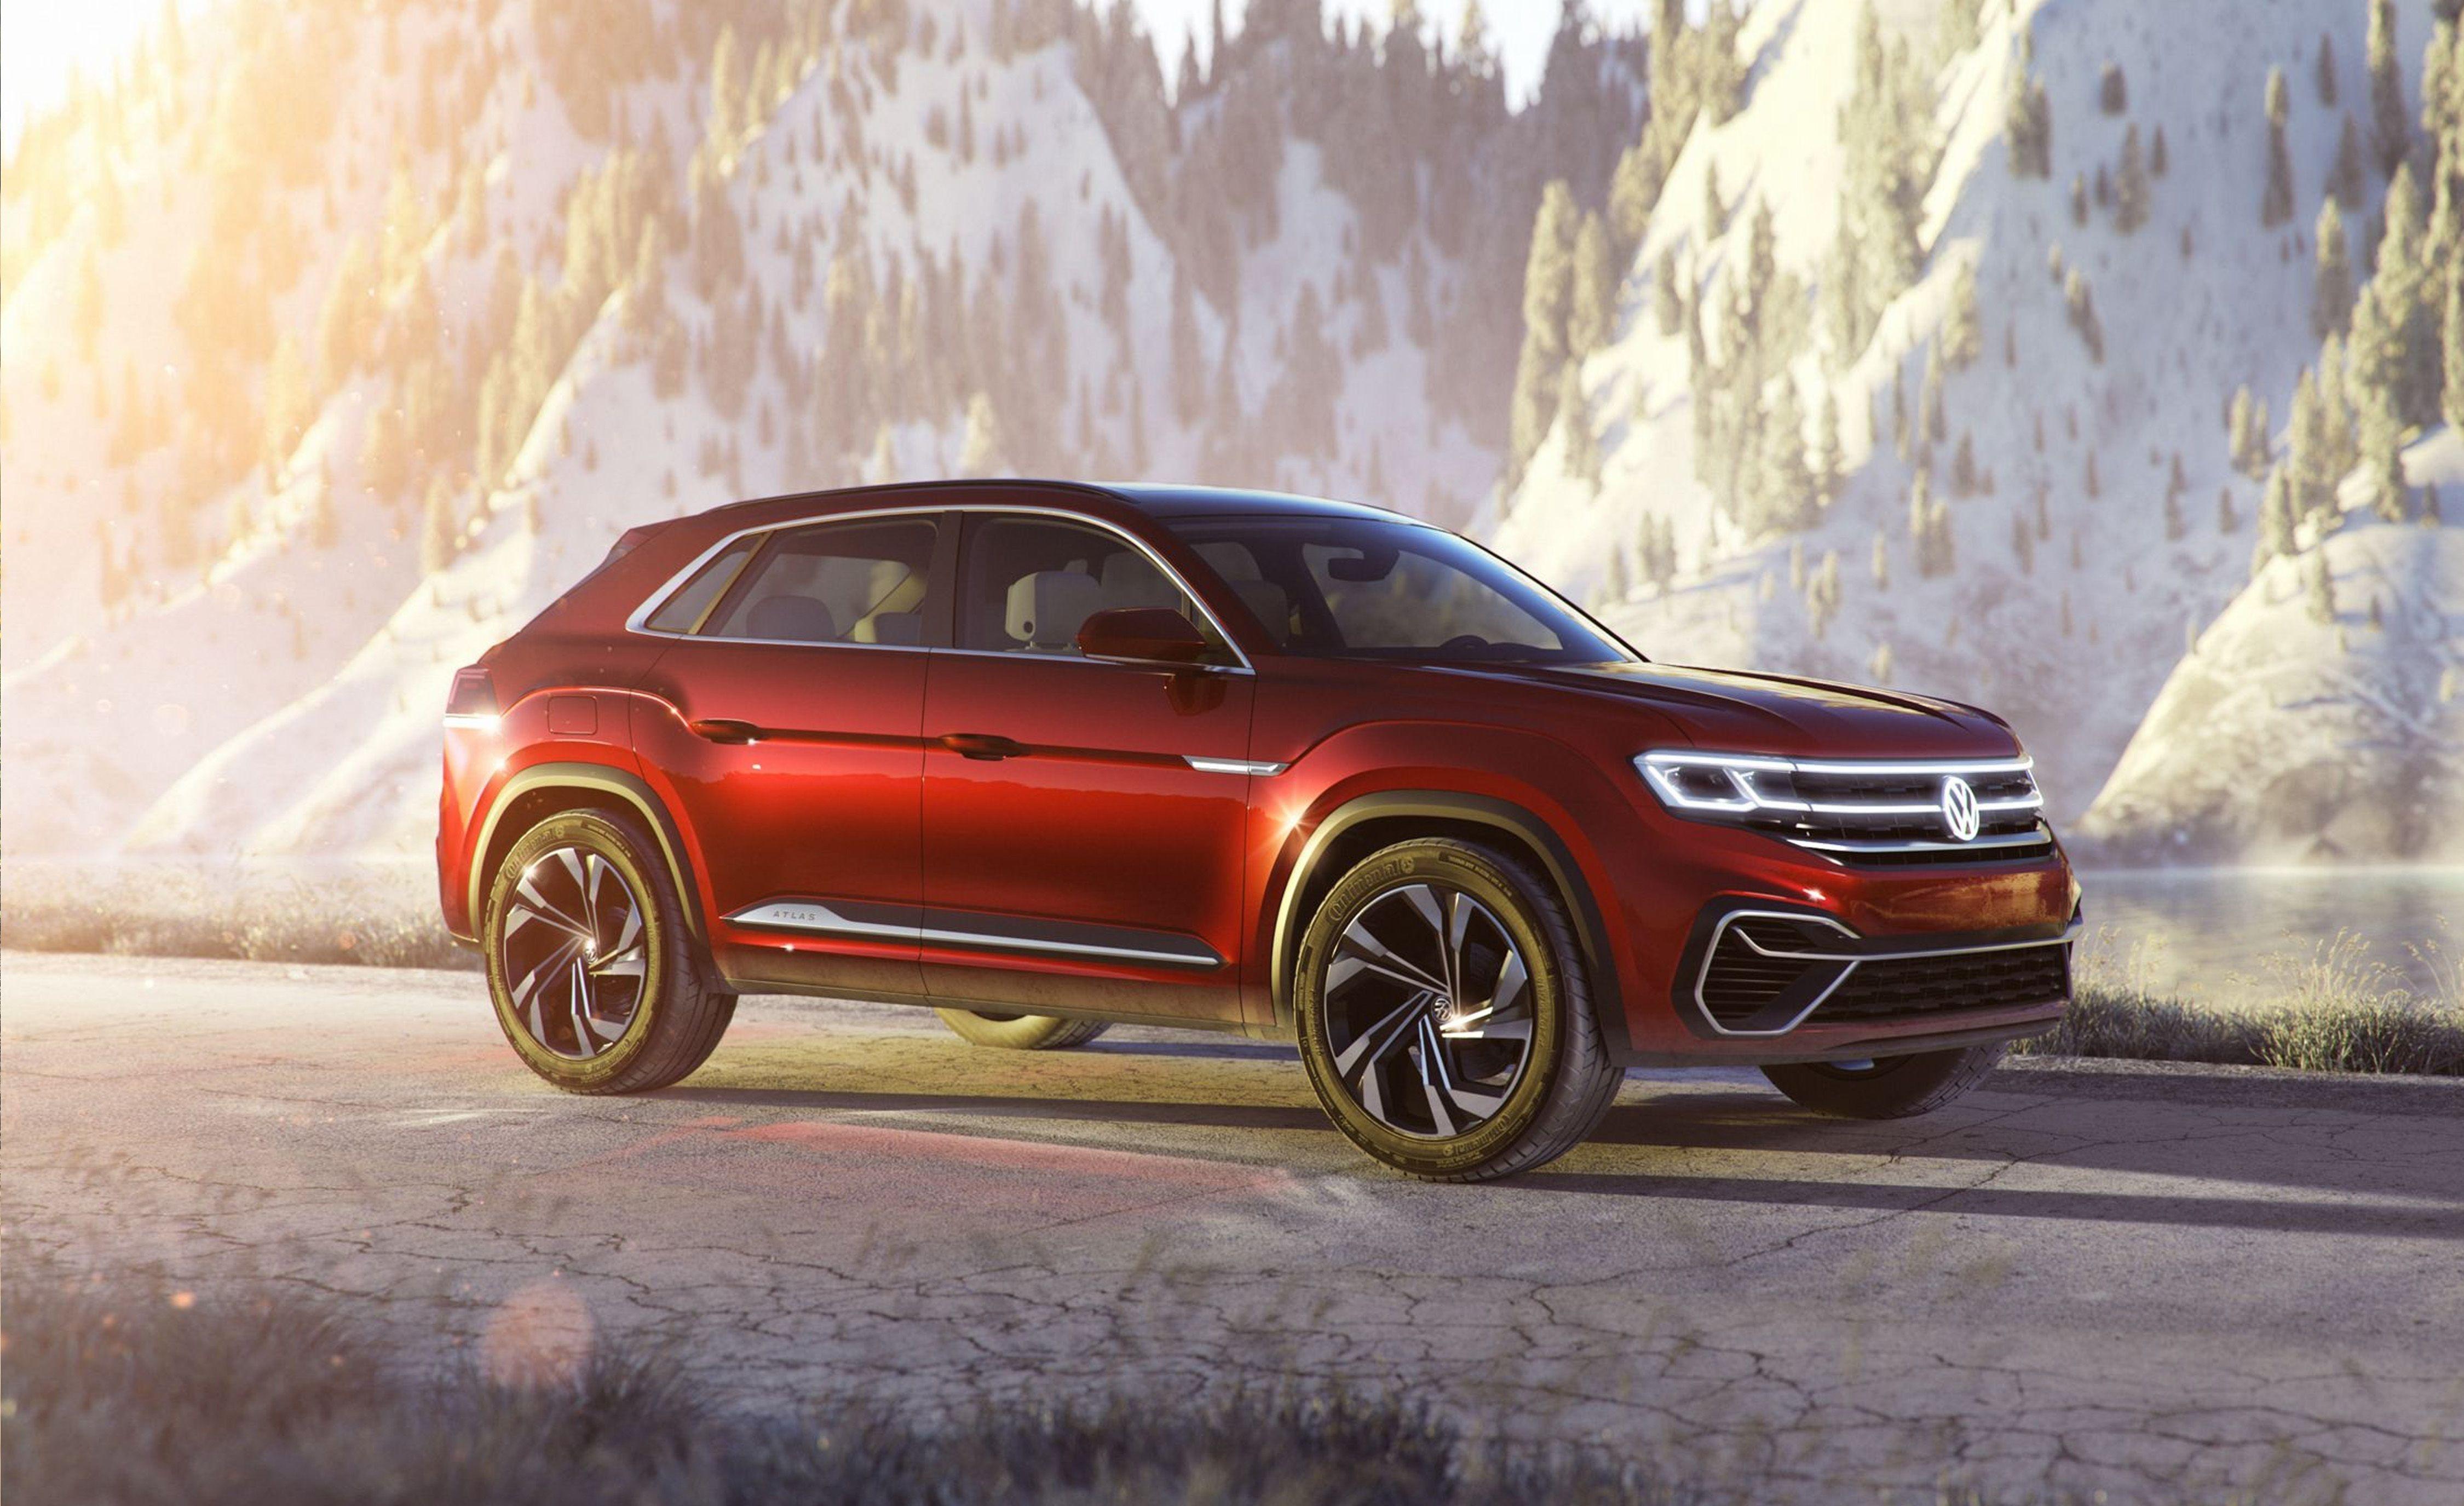 2021 Volkswagen Cross Concept Volkswagen, Volkswagen up